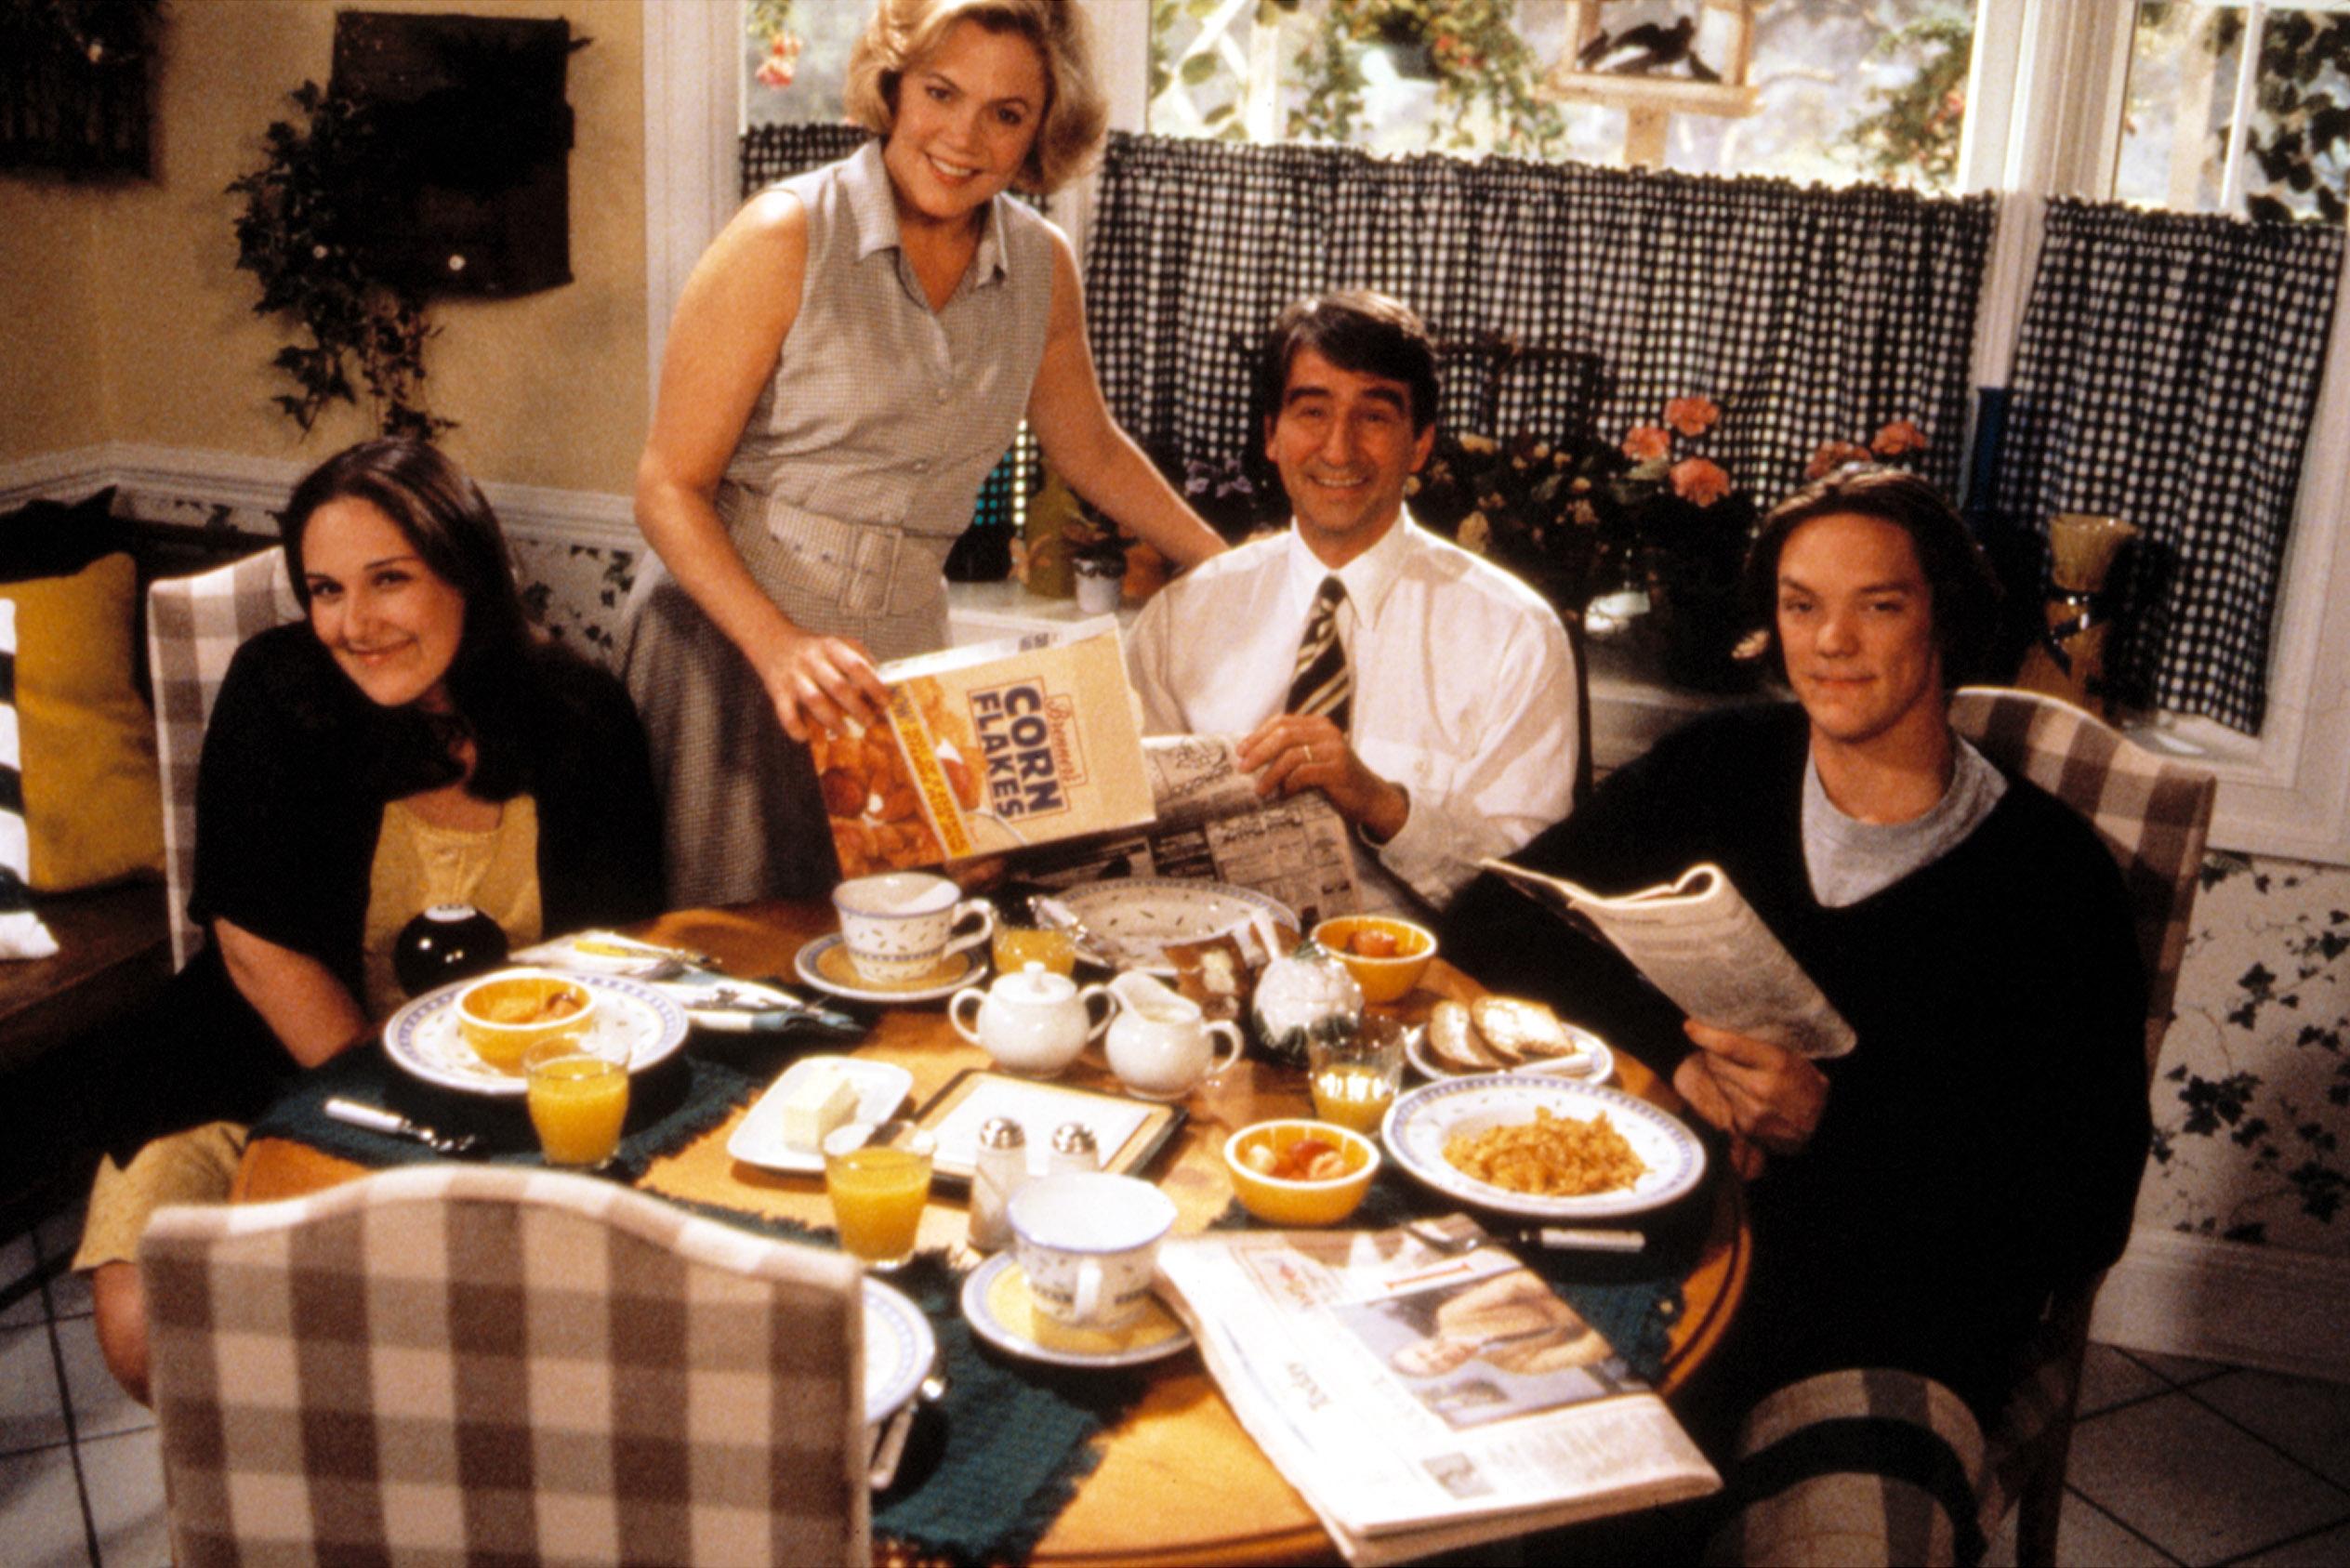 SERIAL MOM, Ricki Lake, Kathleen Turner, Sam Waterston, Matthew Lillard, 1994.